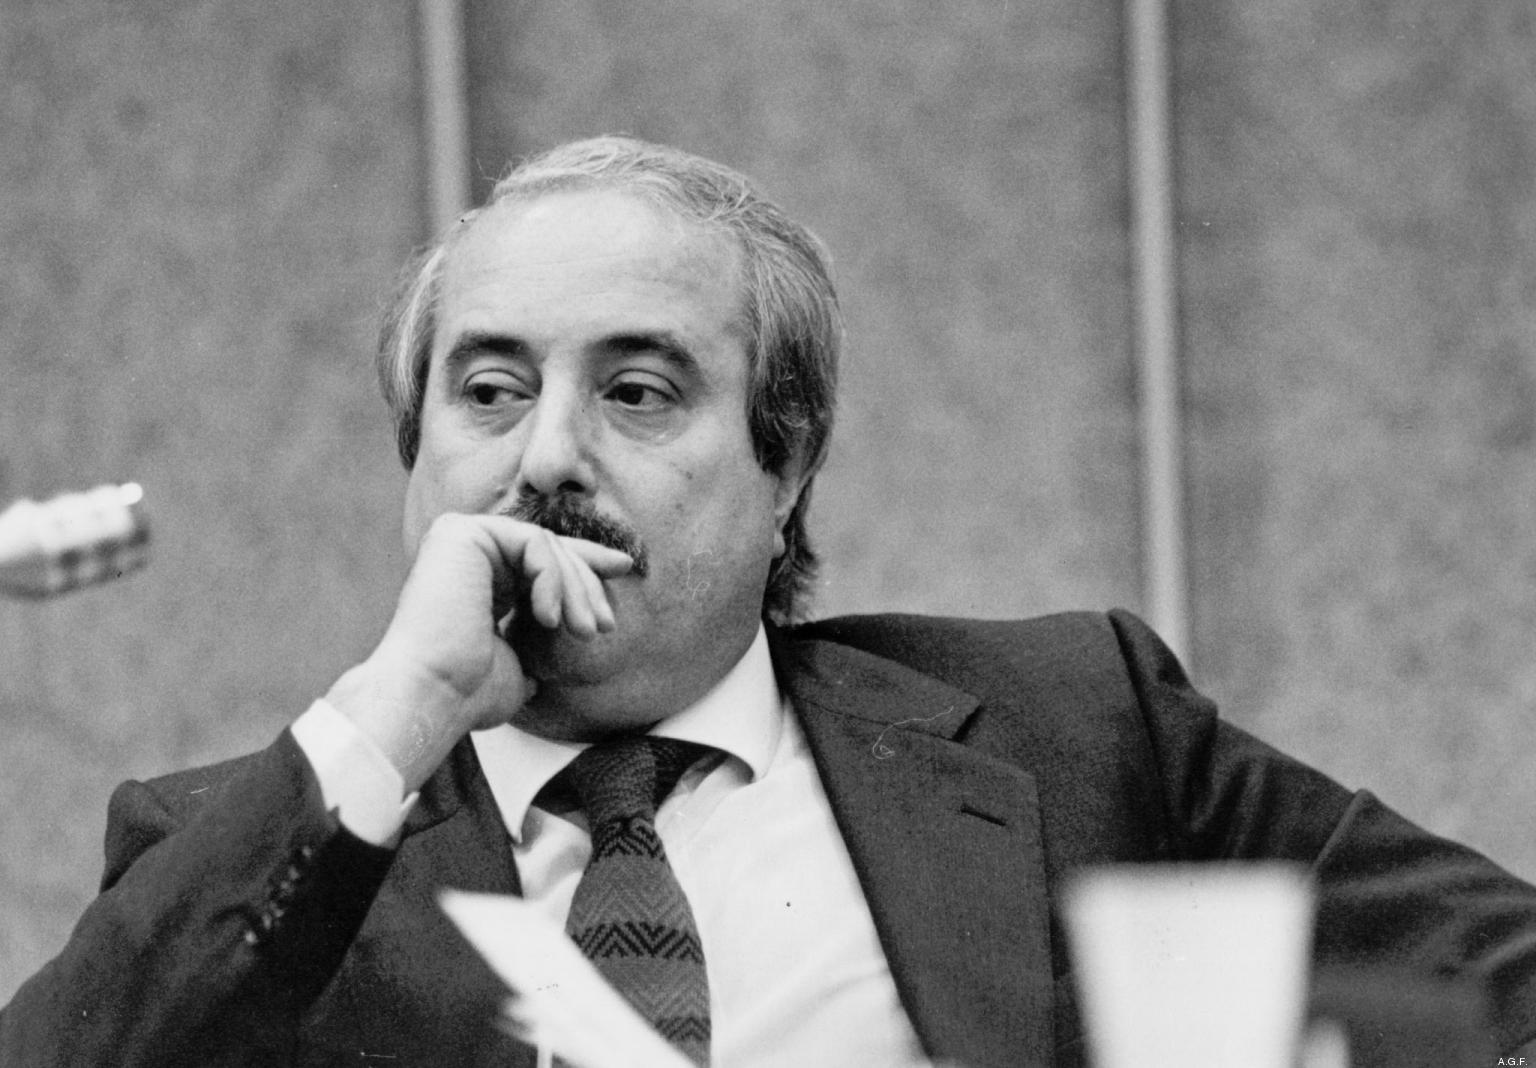 In memoria di Giovanni Falcone, la strage di #Capaci è trend topic su Twitter #ionondimentico